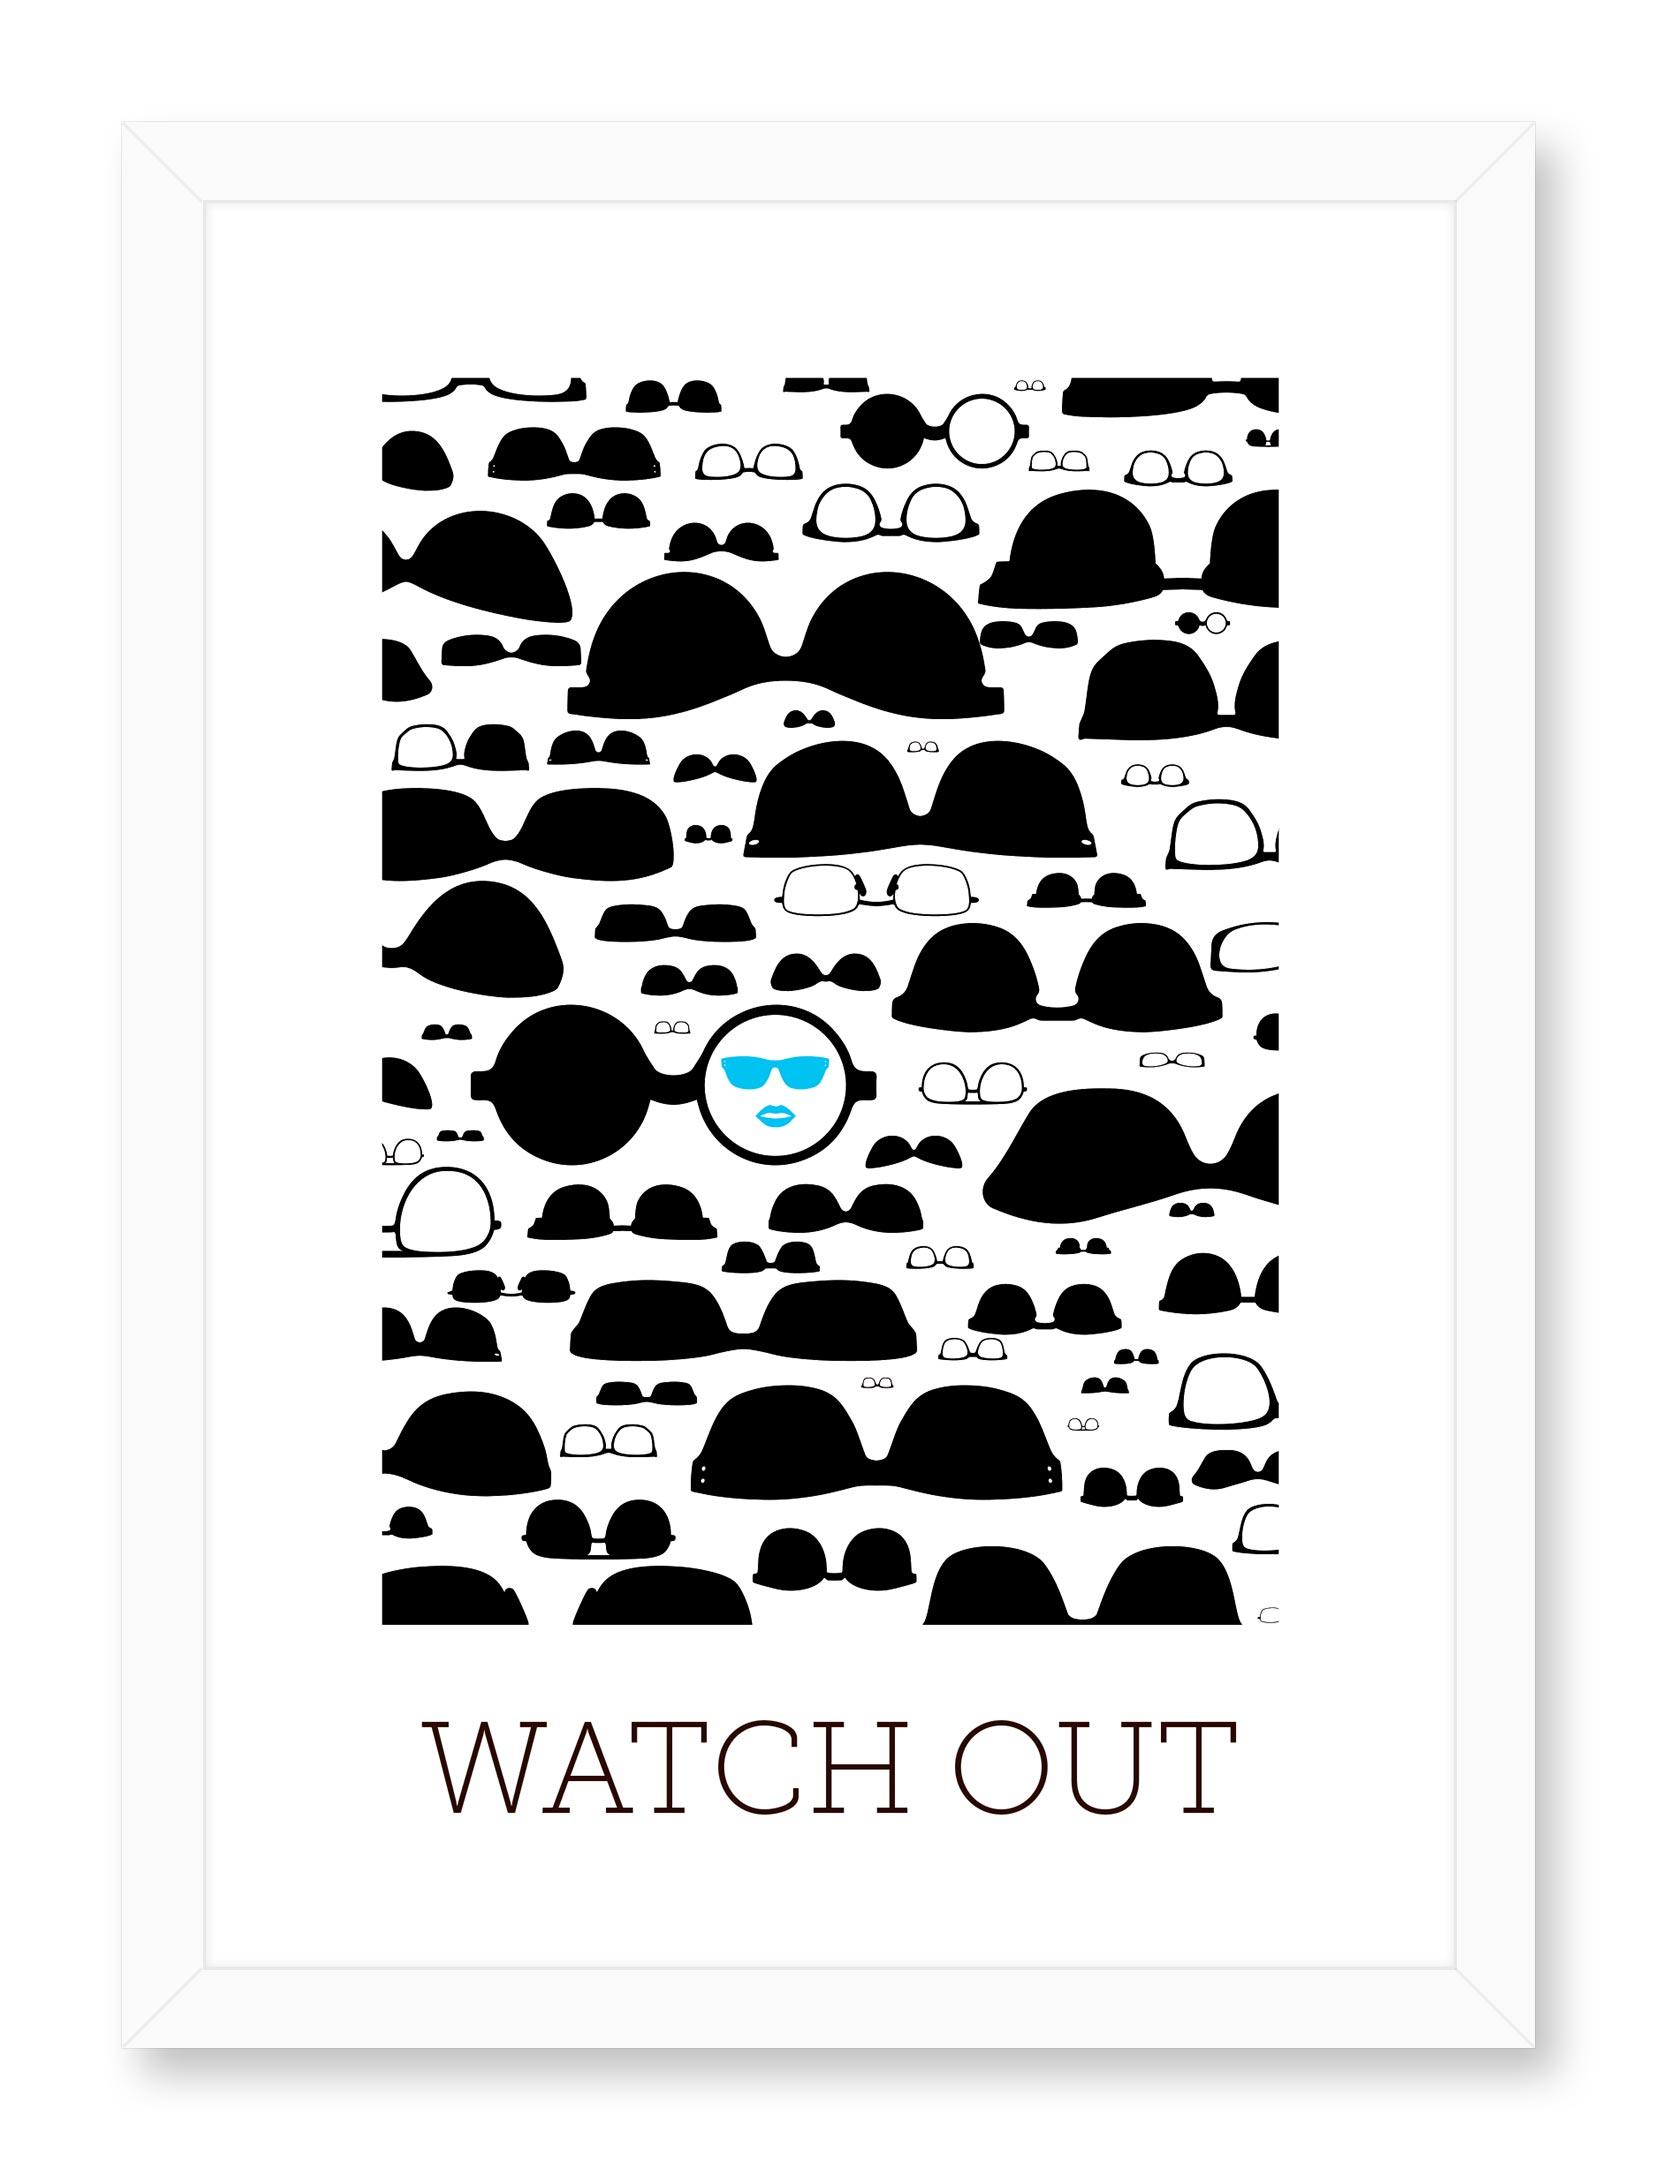 watchout_black_white.jpg